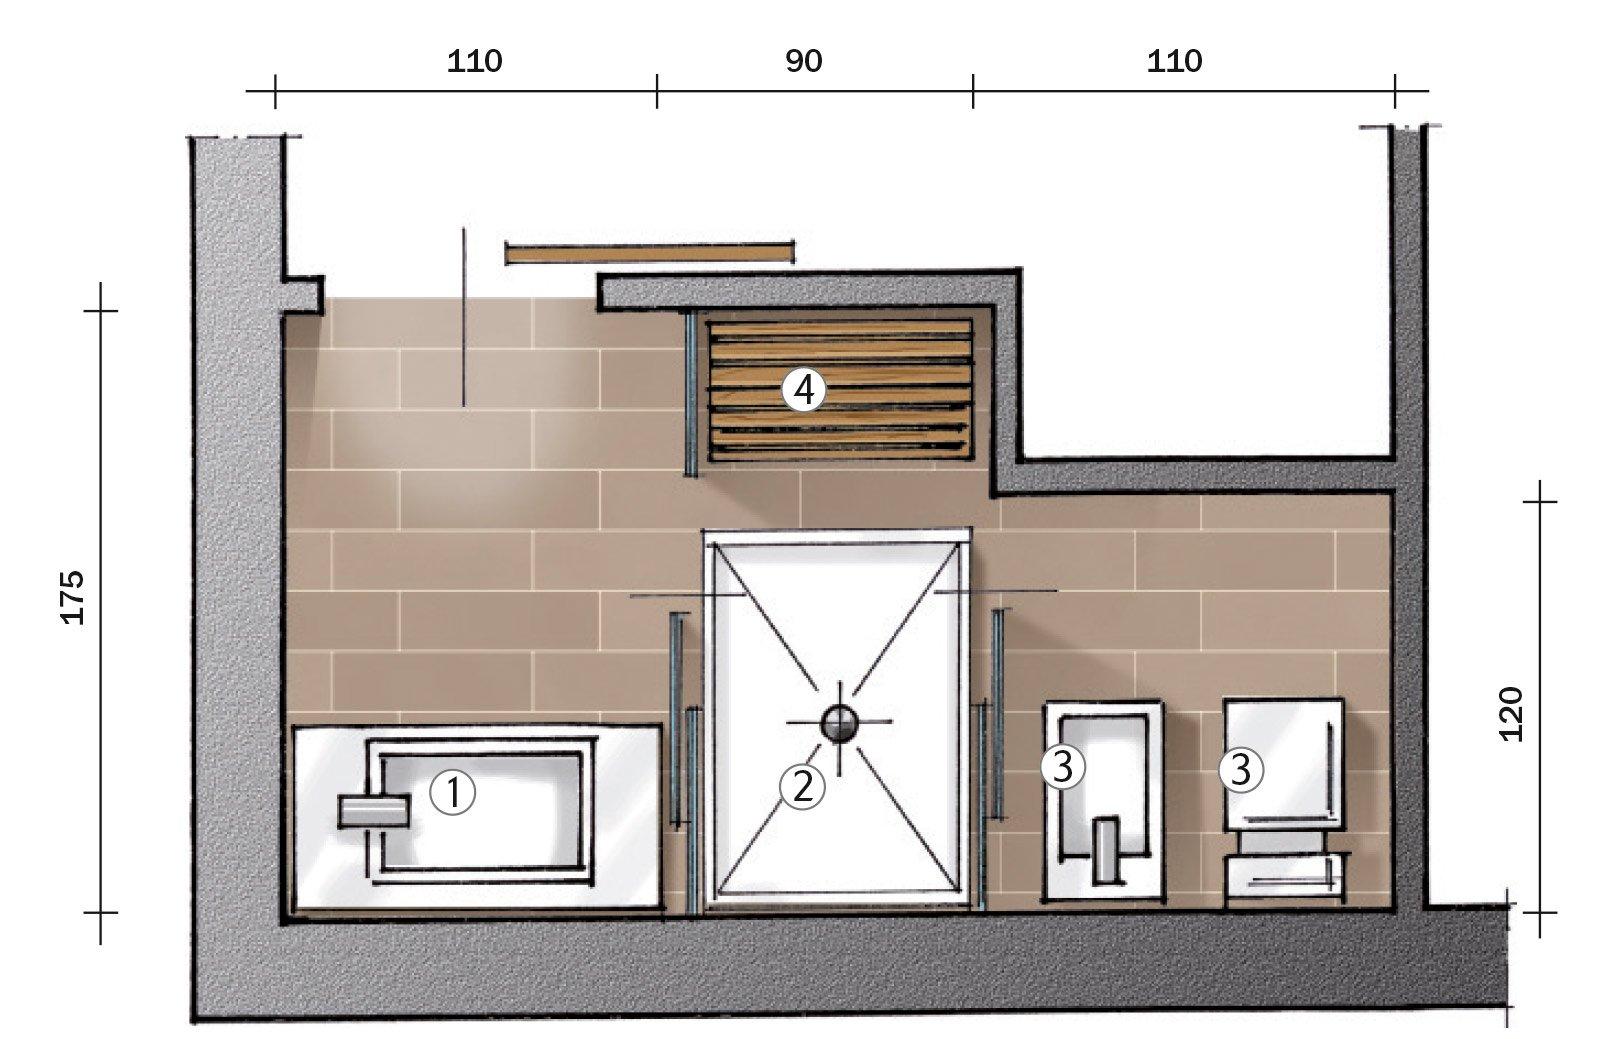 Secondo bagno a uso esclusivo della camera cose di casa - Bagno 4 mq arredo ...